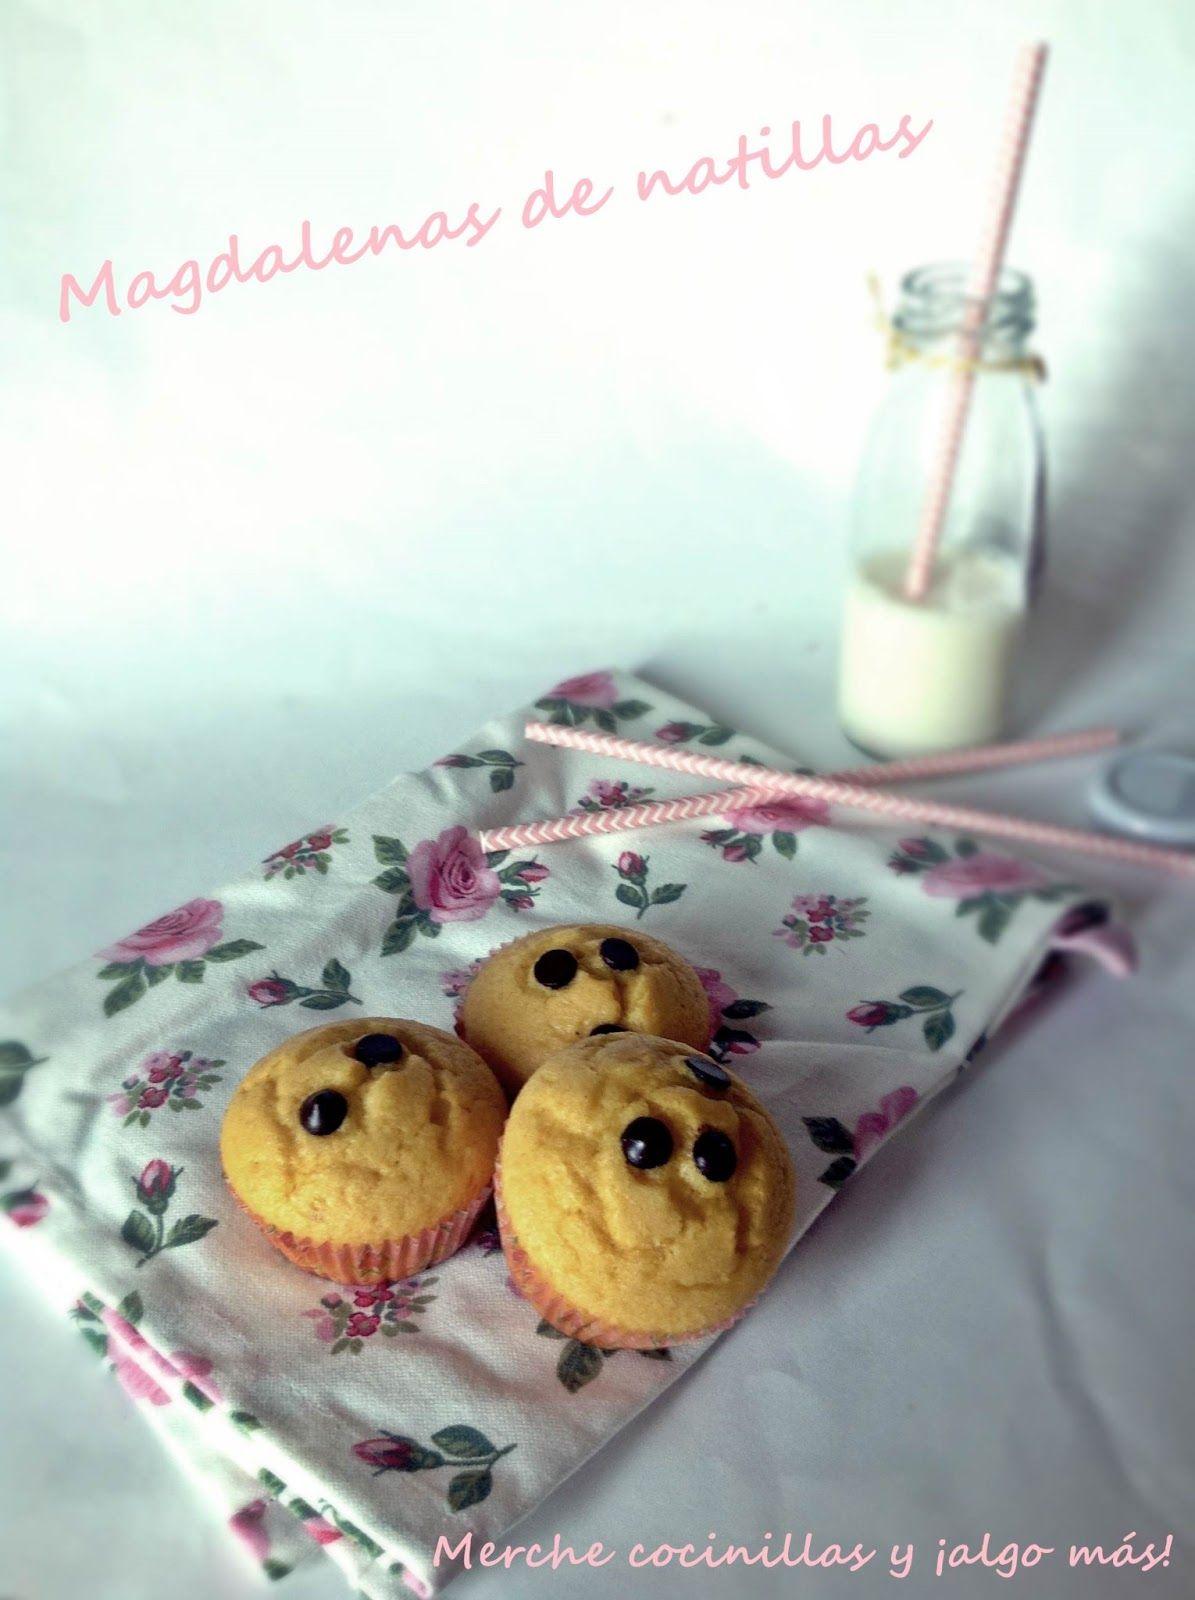 Merche cocinillas y ahora también mamá: Magdalenas de Natillas y chocolate (con thermomix y de manera tradicional)